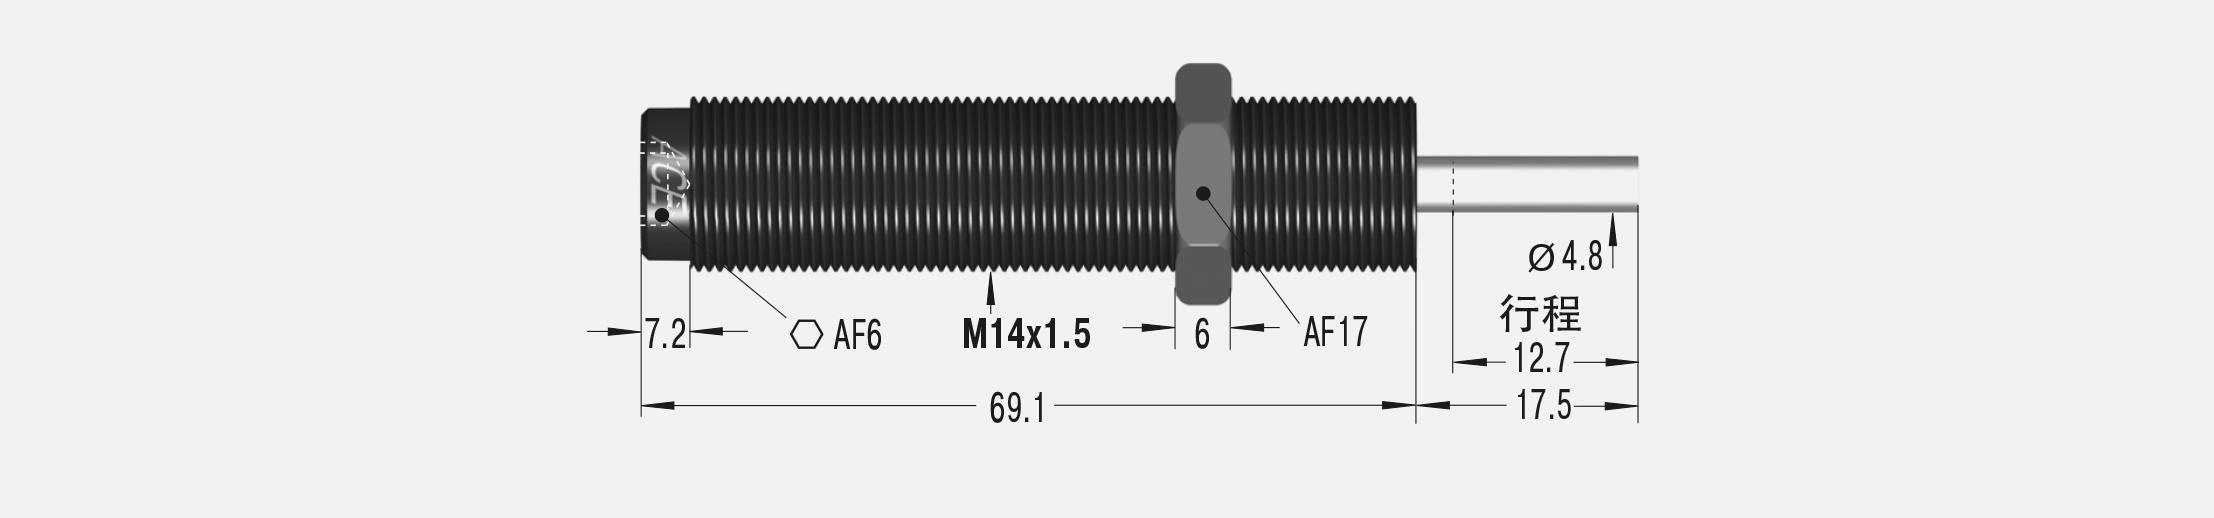 MC150M